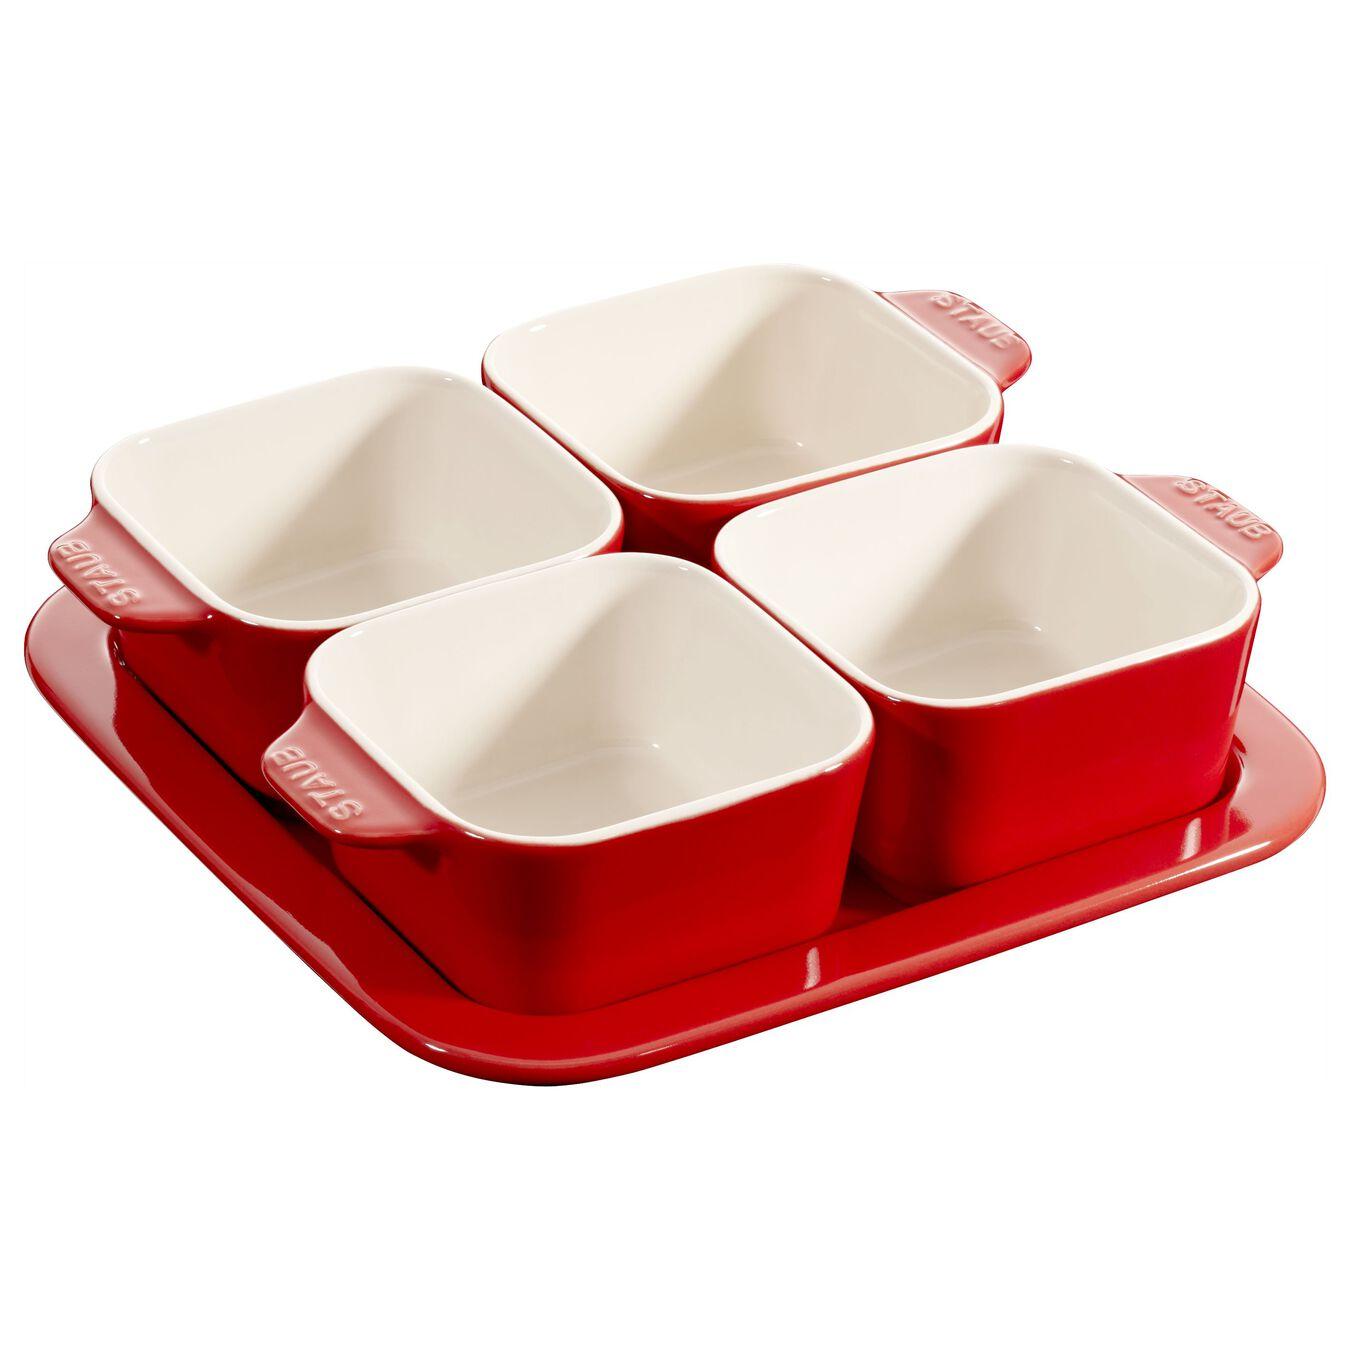 Set per antipasti - 5-pz., ceramica,,large 1